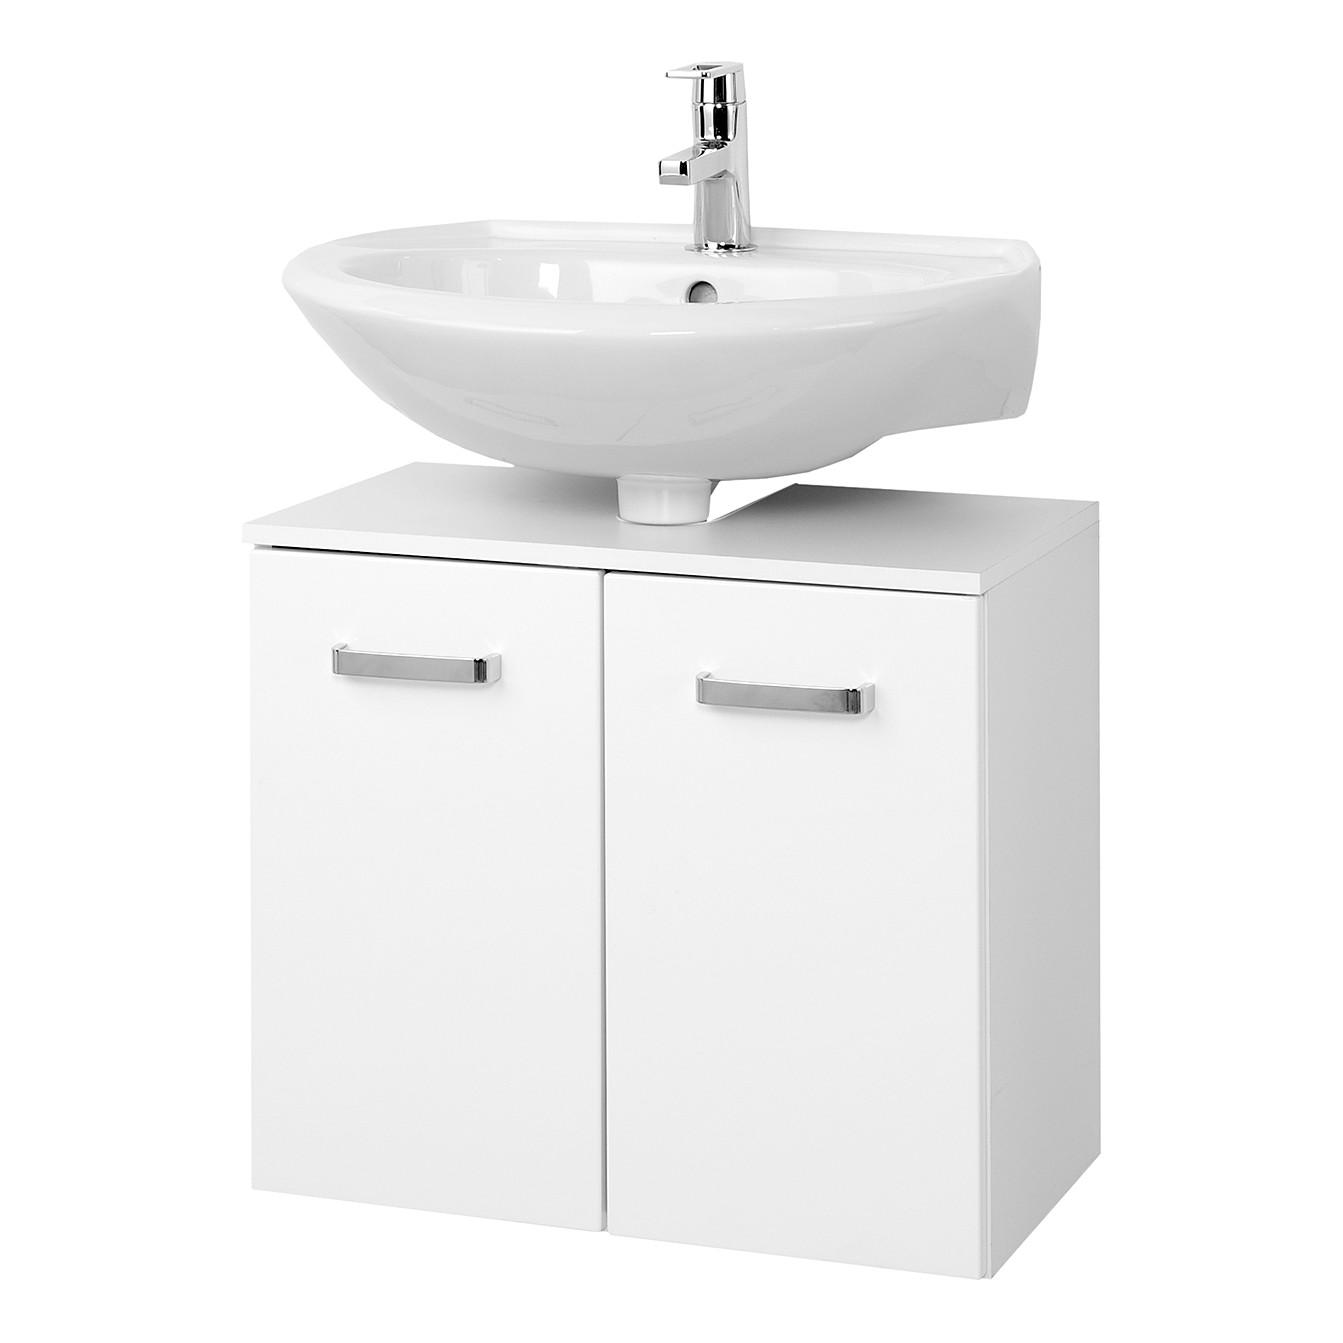 Armadietto da lavabo Zeehan I - Bianco 60 cm, Giessbach